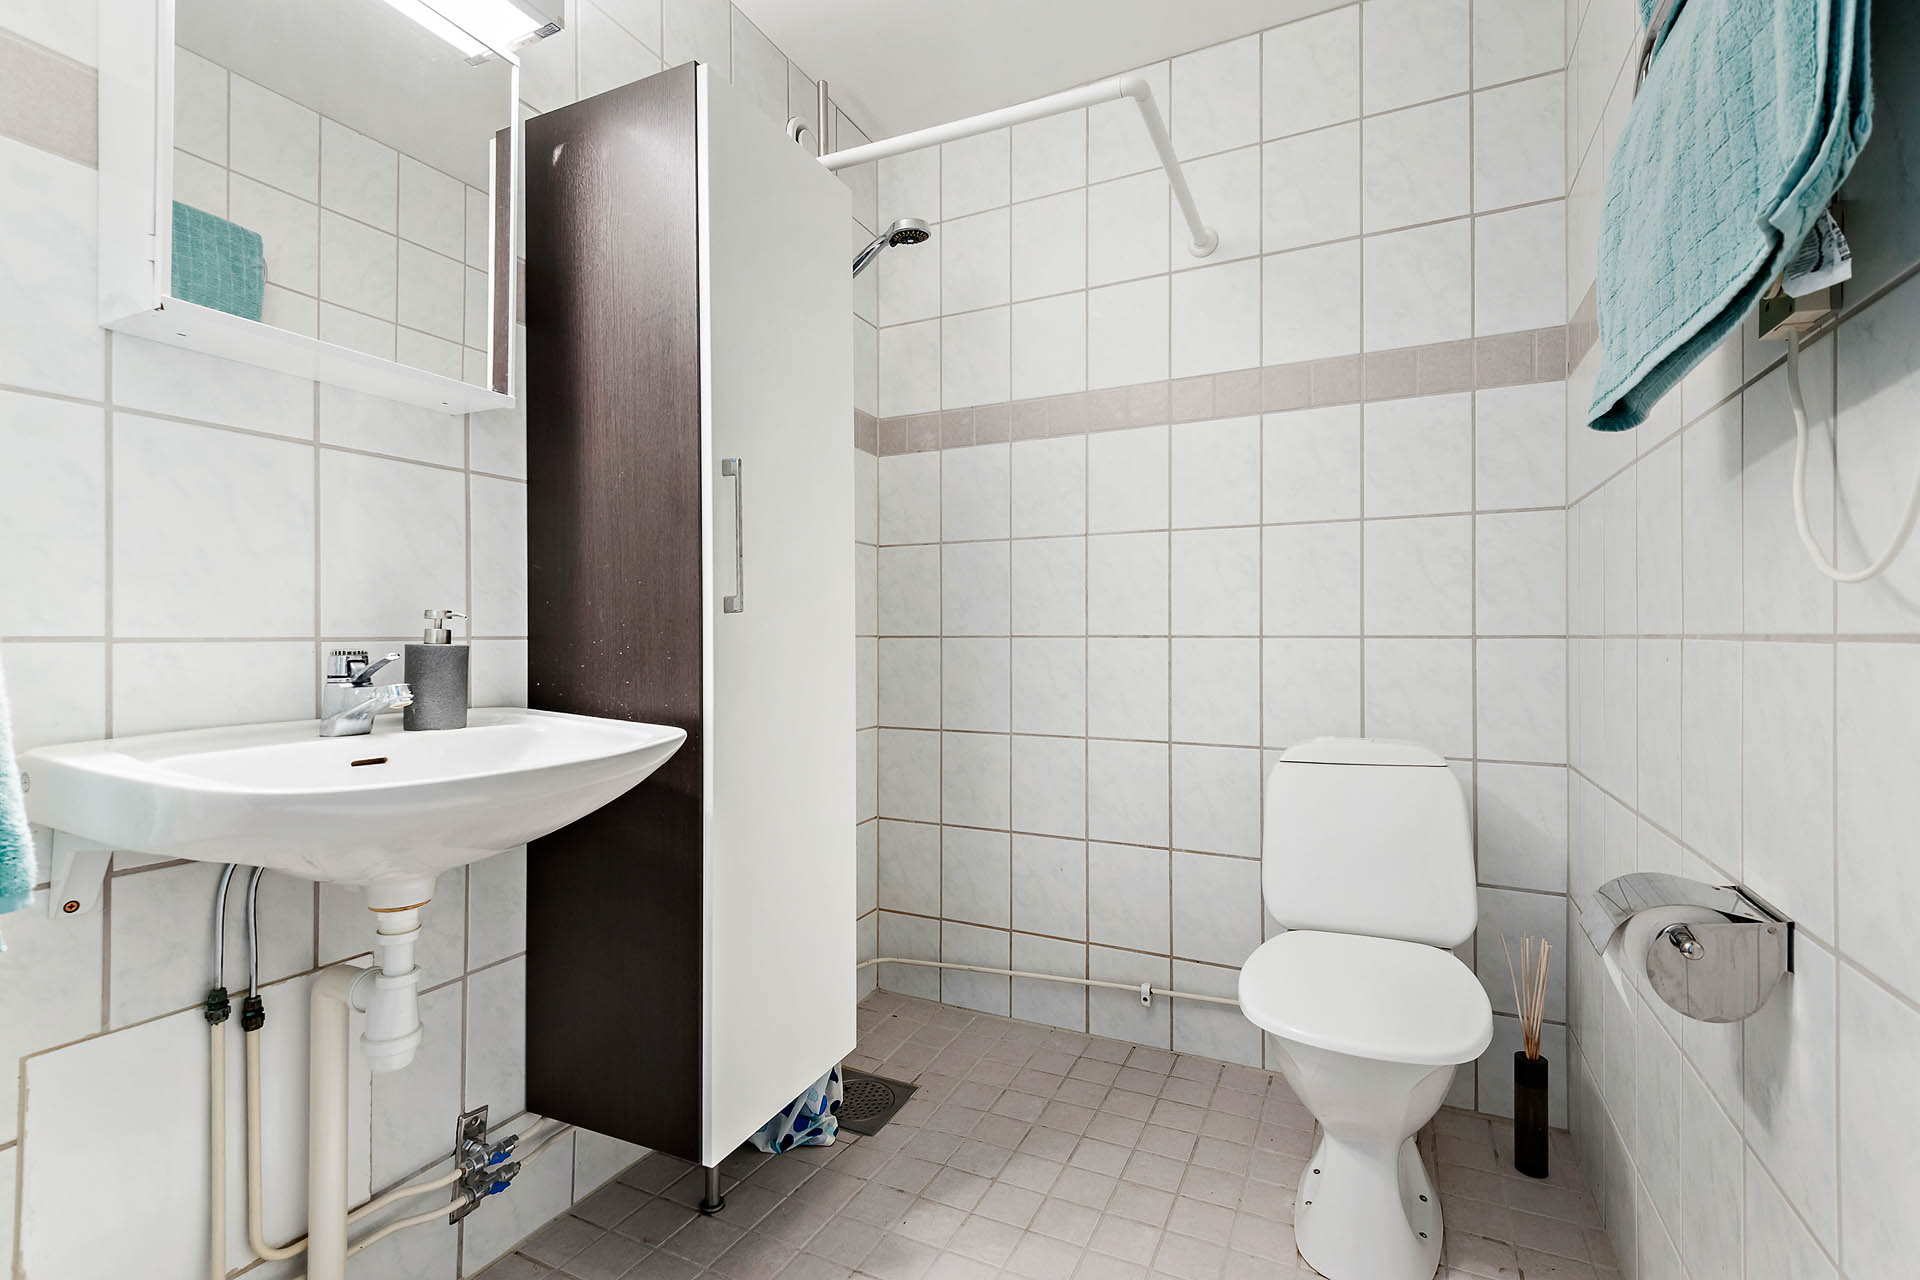 Helkaklat badrum i ljusa färger.